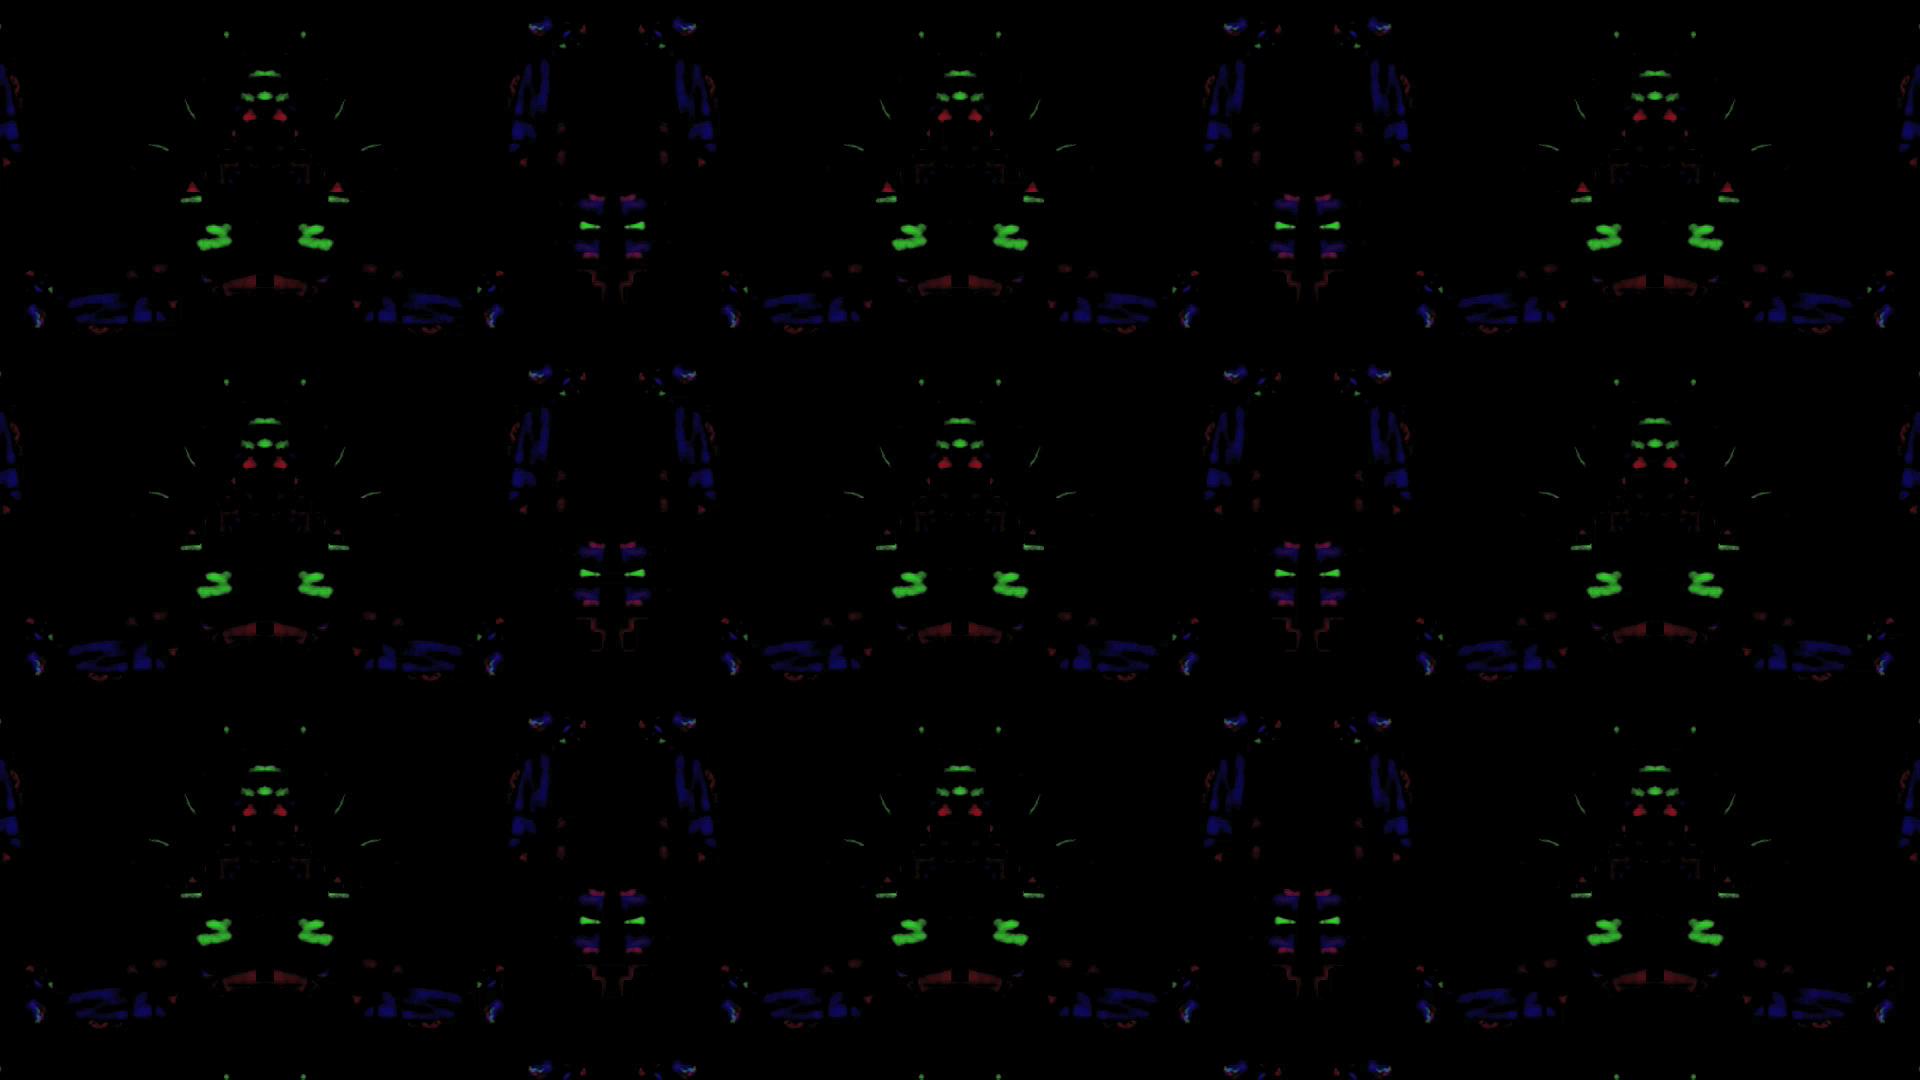 beads-2-andrew-rosinski-7